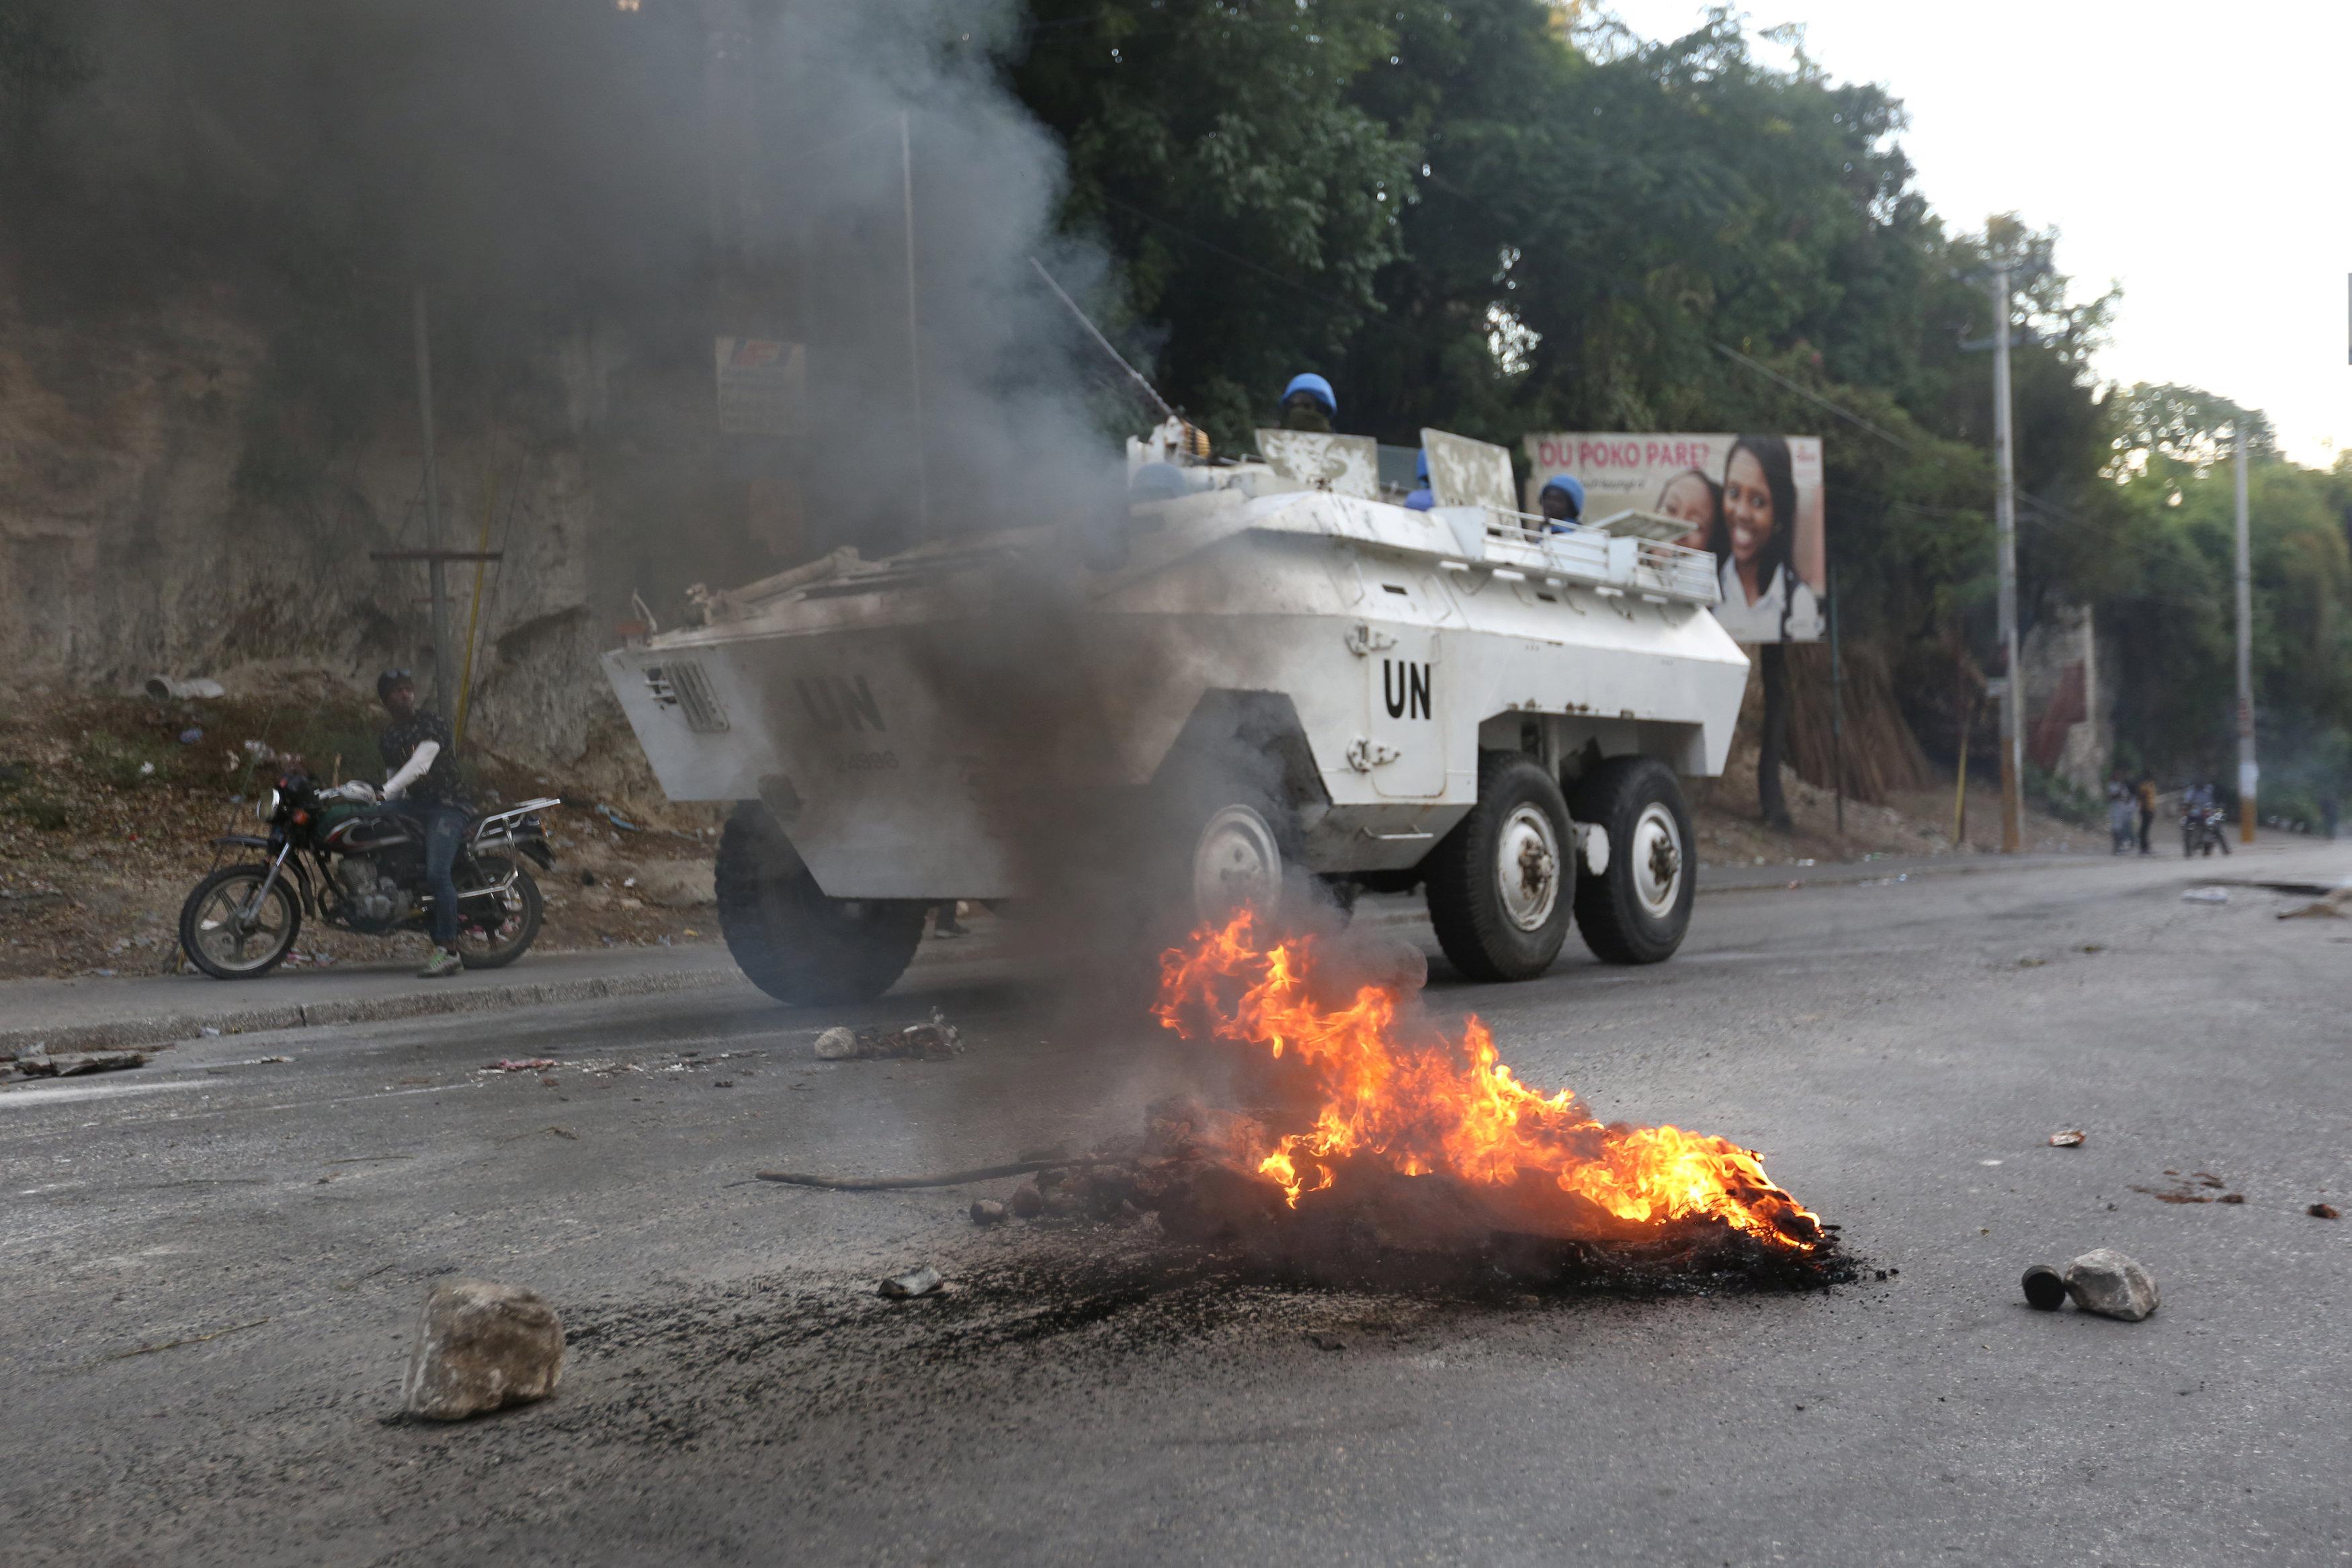 شوارع هايتى تتحول لساحة حرب خلال مظاهرات عنيفة  (6)